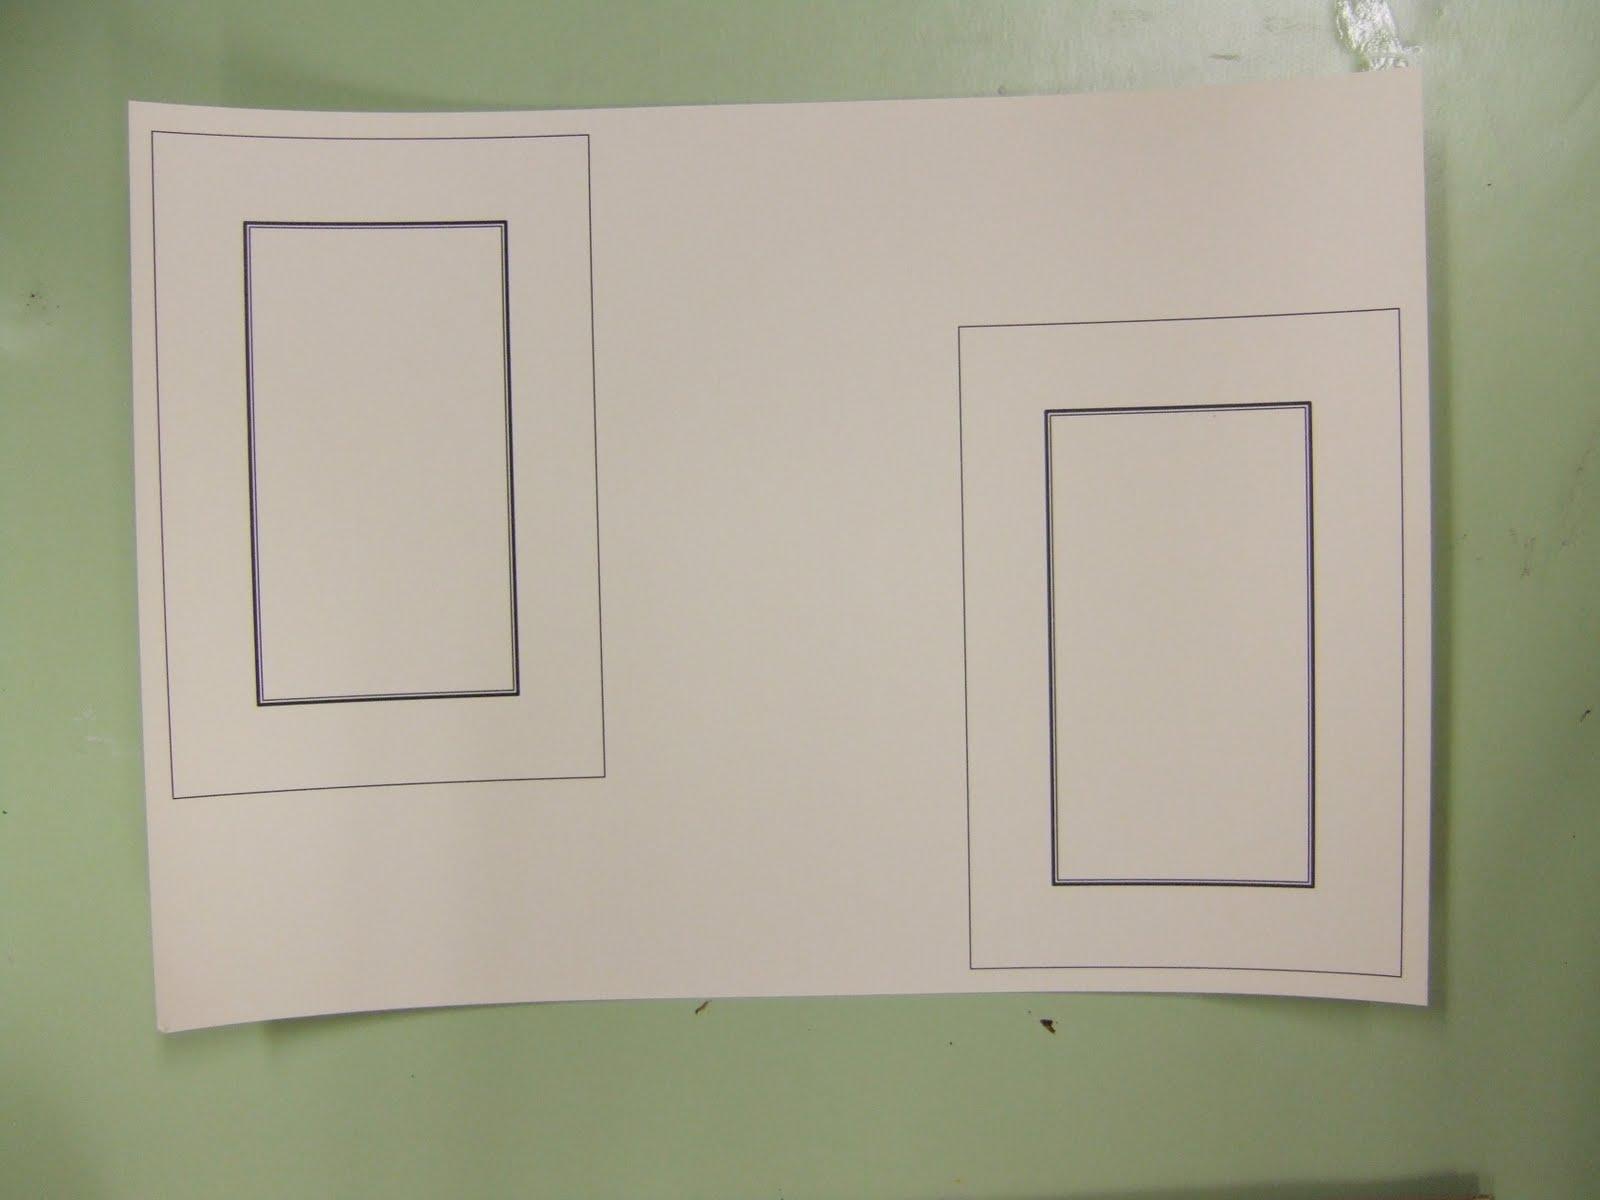 chilte dominique peintre p cheur r aliser un cadre pour mouche de p che. Black Bedroom Furniture Sets. Home Design Ideas